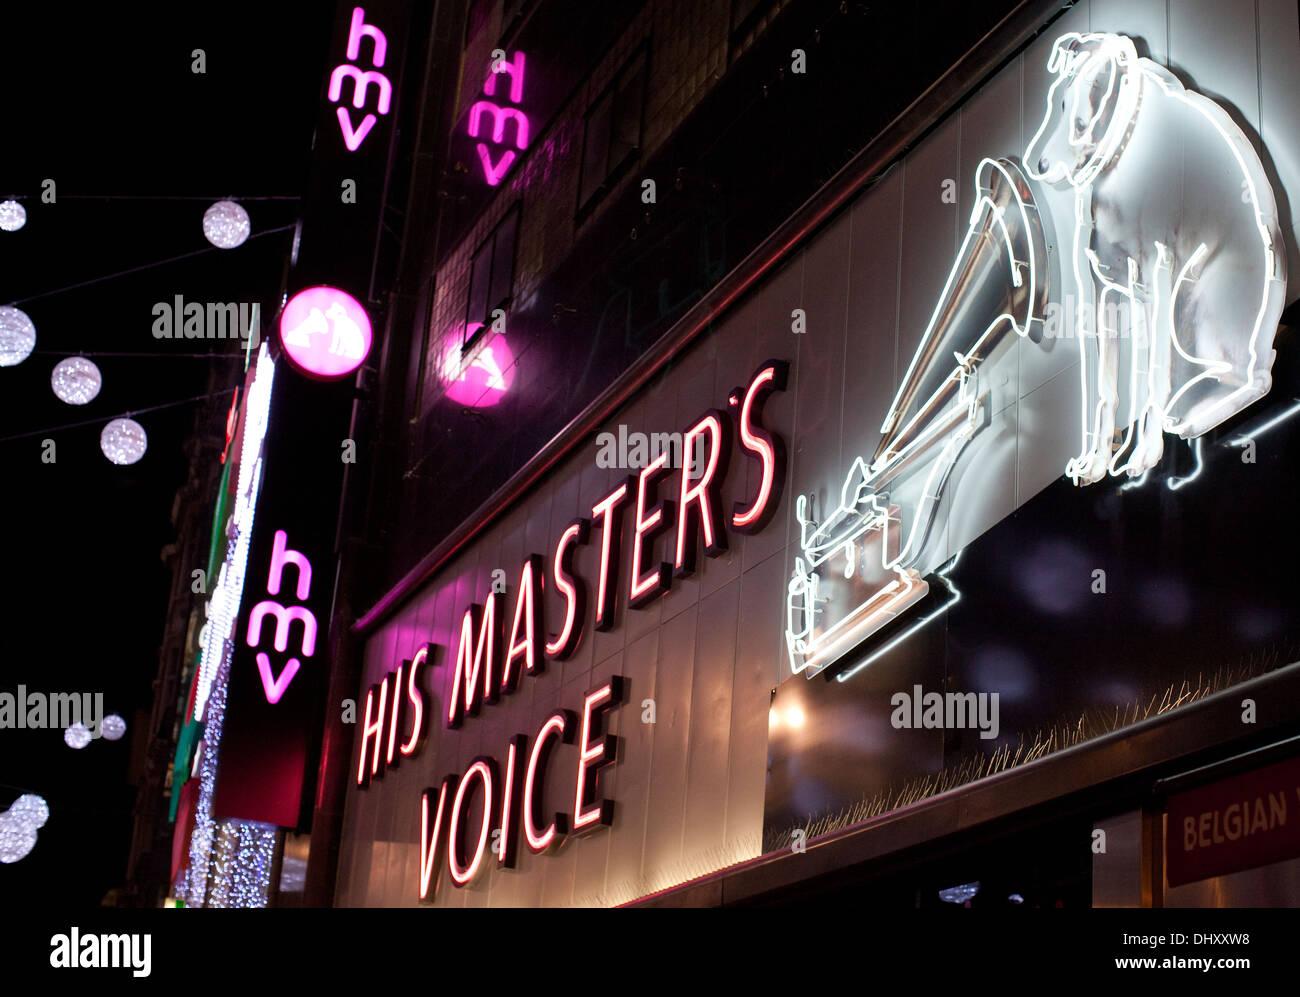 HMV store in Oxford Street, London - Stock Image